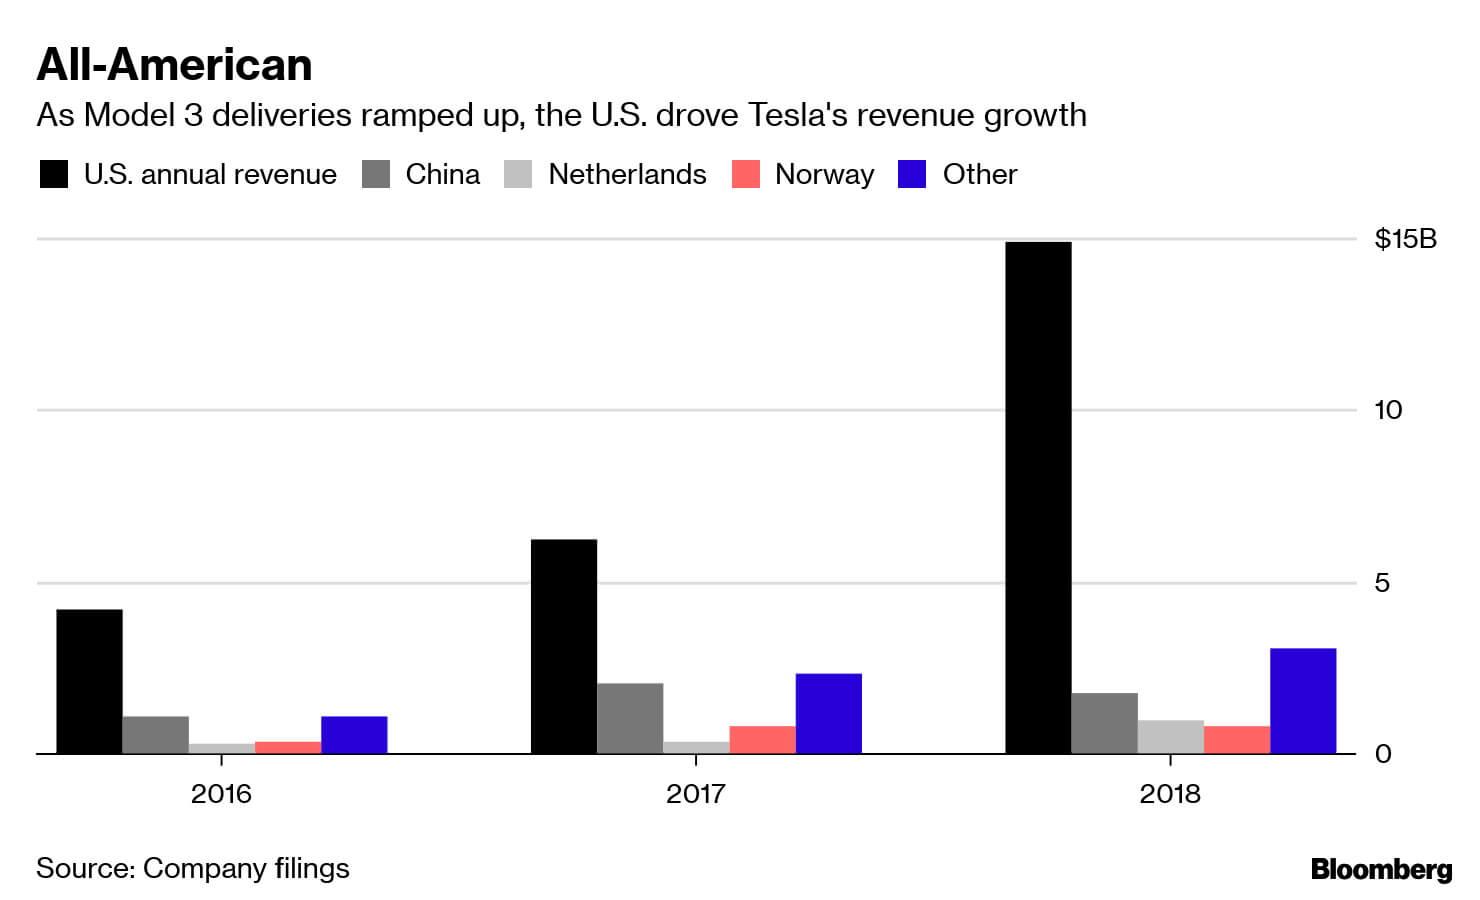 Продажи электромобилей Tesla на крупнейших для компании рынках